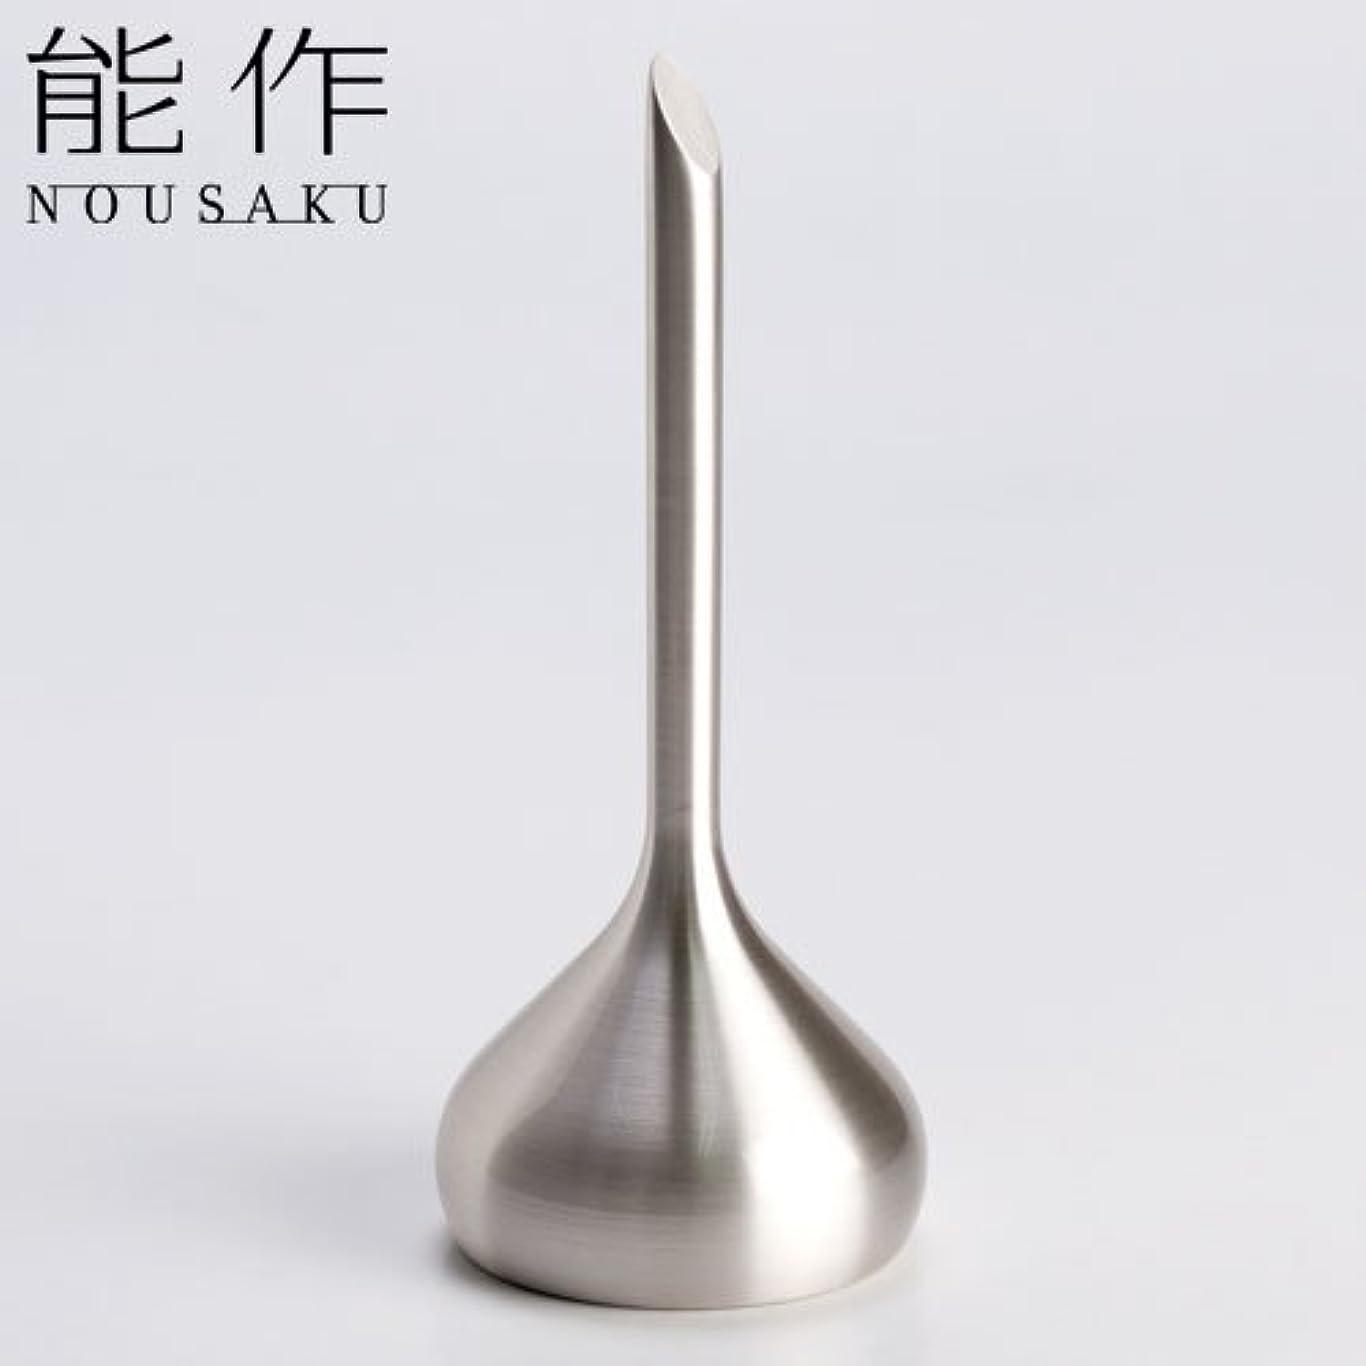 錆び実現可能ペストリー能作 ベル(呼び鈴)オニオンシルバー能作真鍮製のインテリア?ホームアクセサリー卓上ベル